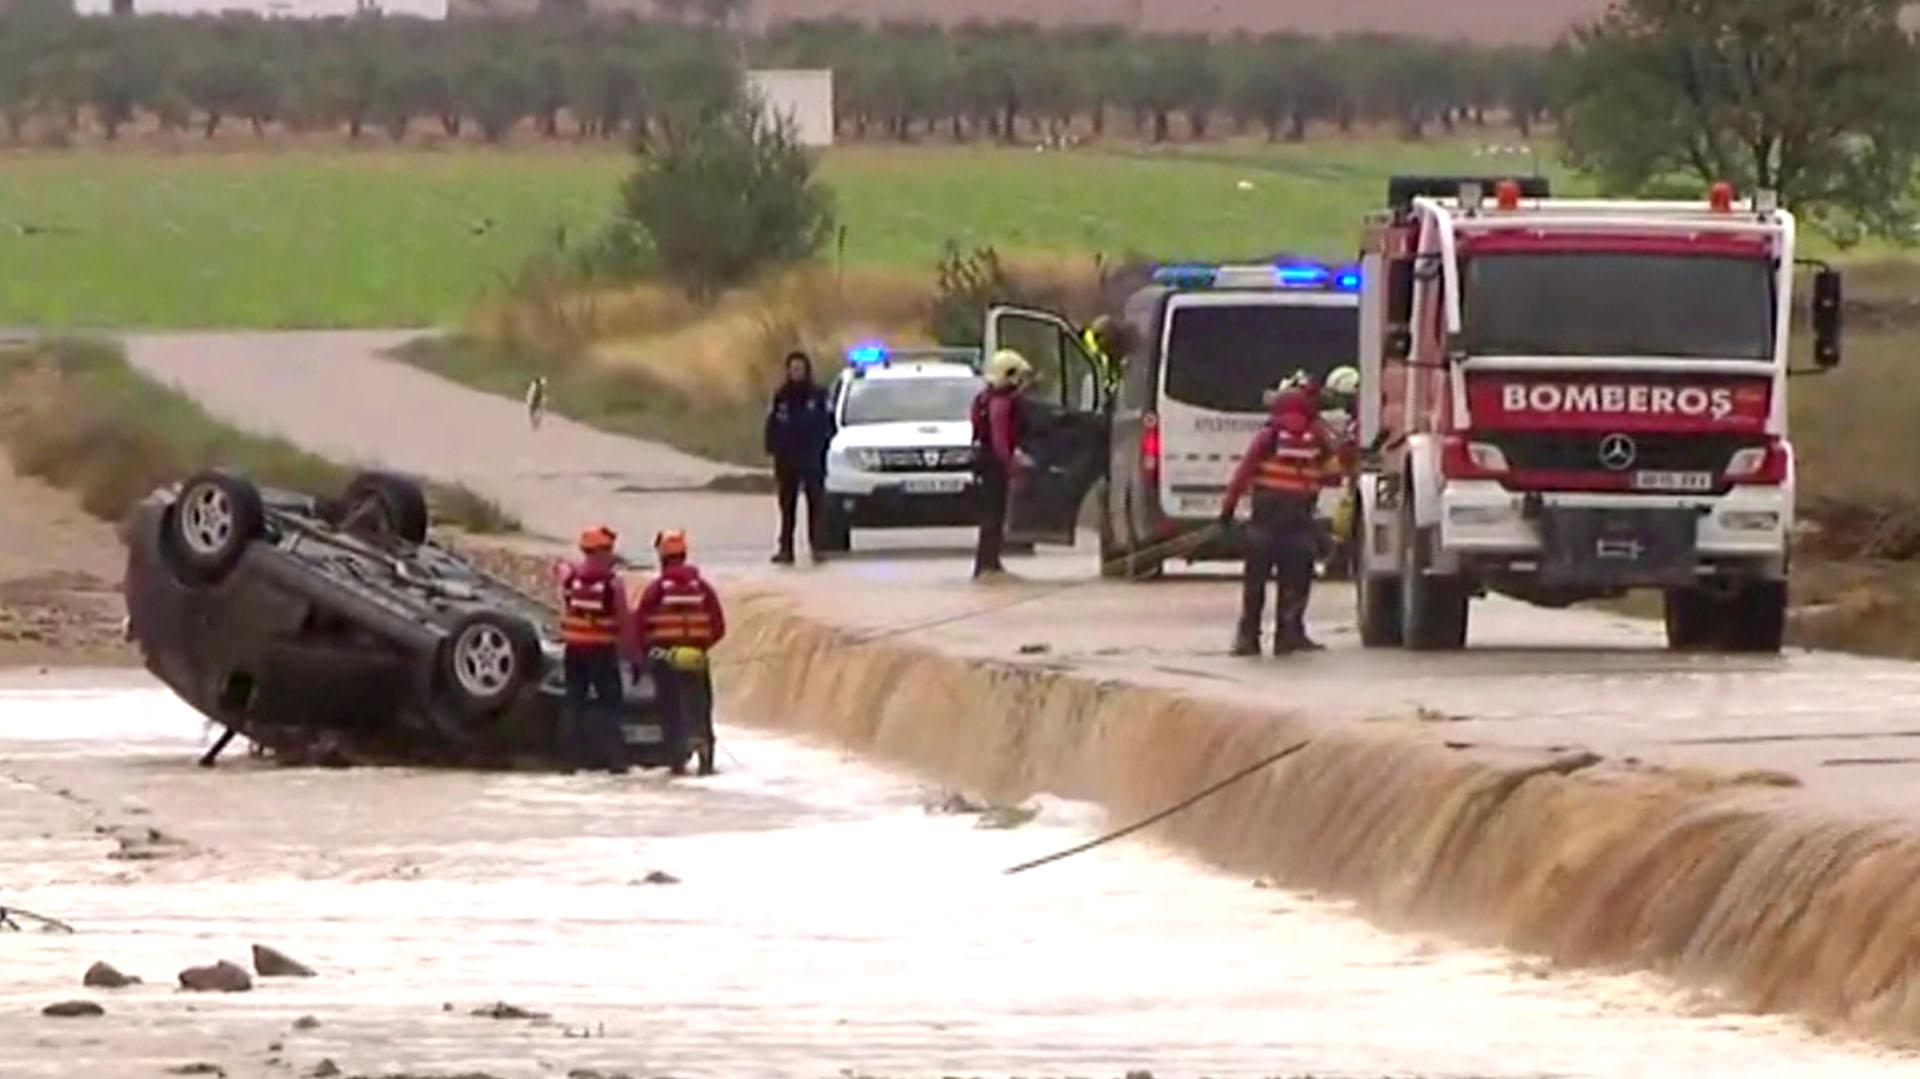 Trabajadores de rescate junto a un auto volcado donde una pareja de ancianos murió tras las fuertes inundaciones en Albacete (Atlas/Reuters TV vía REUTERS)